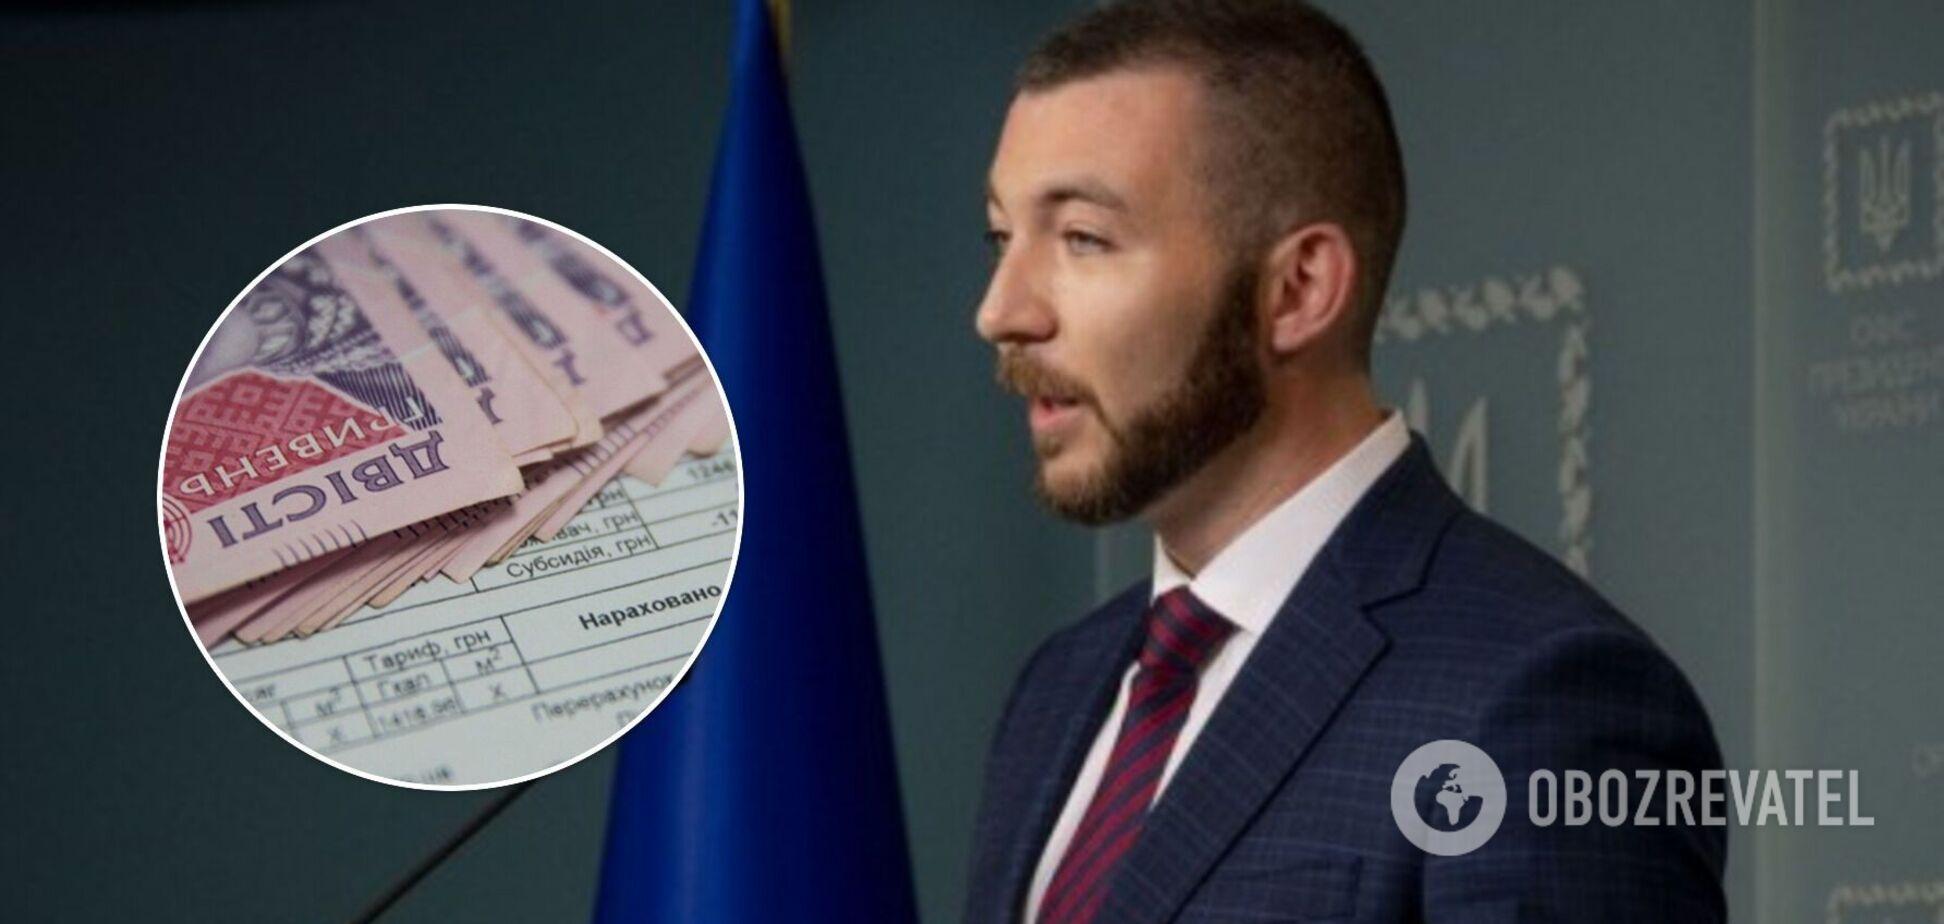 Різкого підвищення тарифів на електроенергію не буде, – прессекретар Зеленського